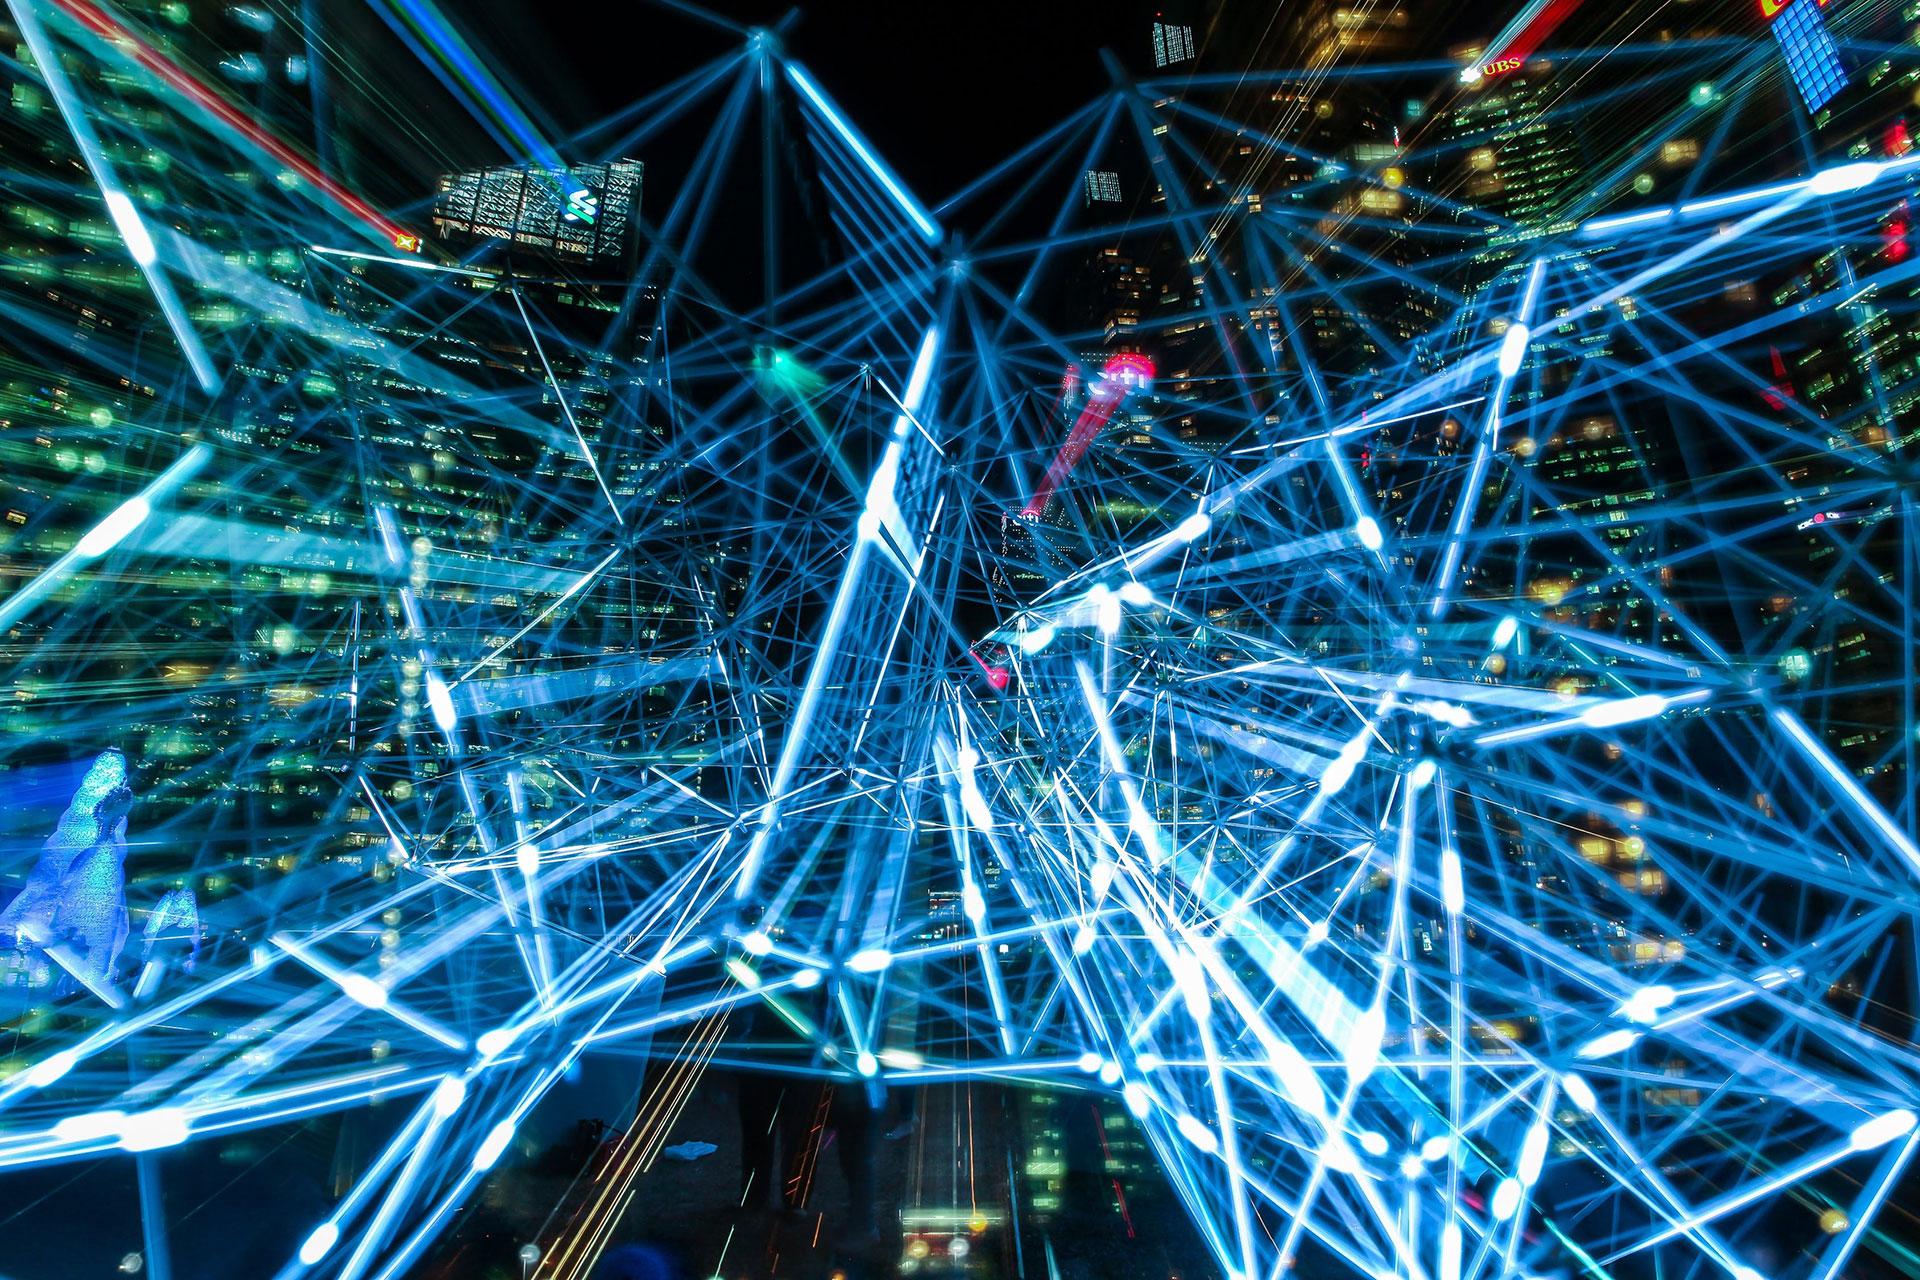 L'holographie, entre art et technologie